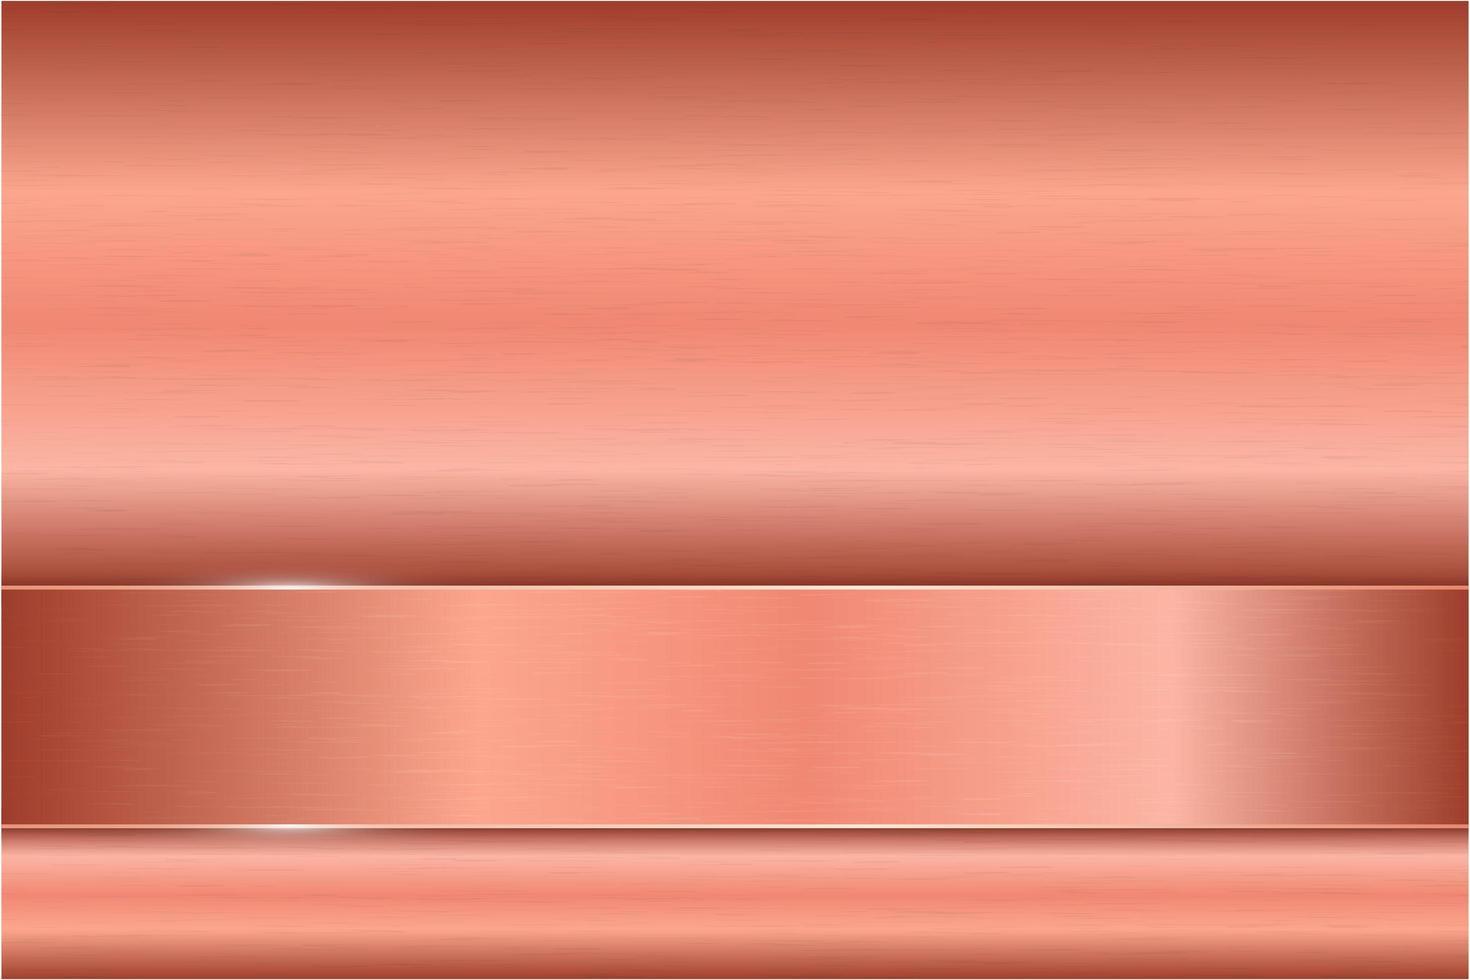 moderne roze metalen achtergrond vector